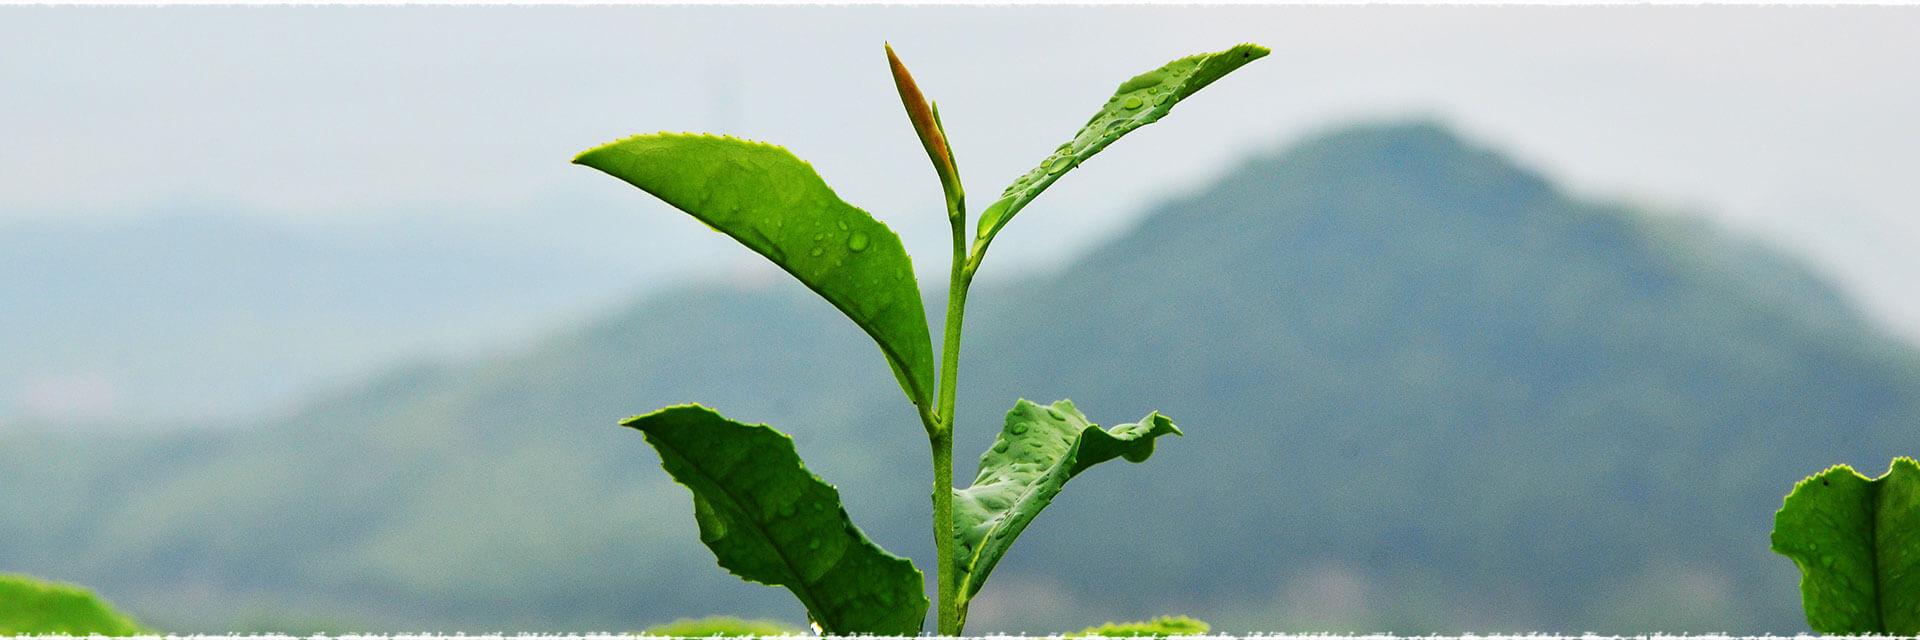 Shapes of green tea